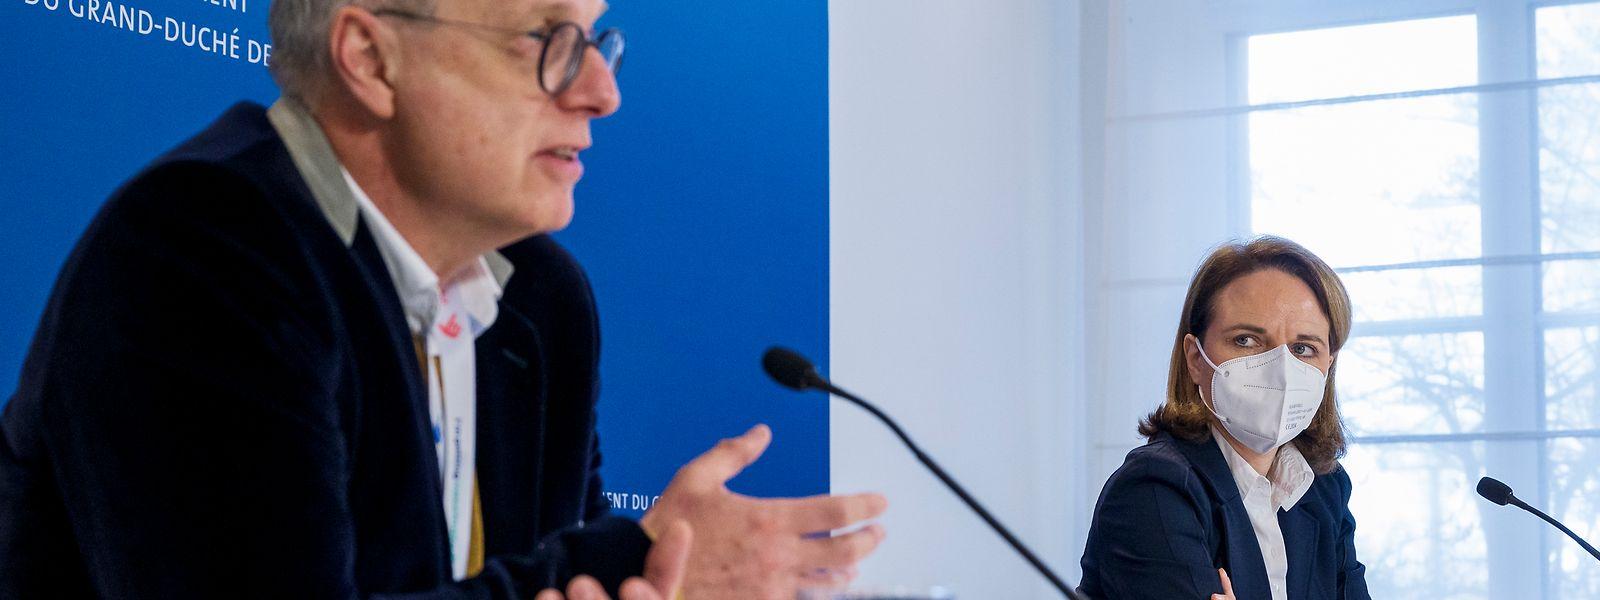 Familienministerin Corinne Cahen (r.) und Jean-Claude Schmit, Direktor der Santé, ziehen Bilanz.